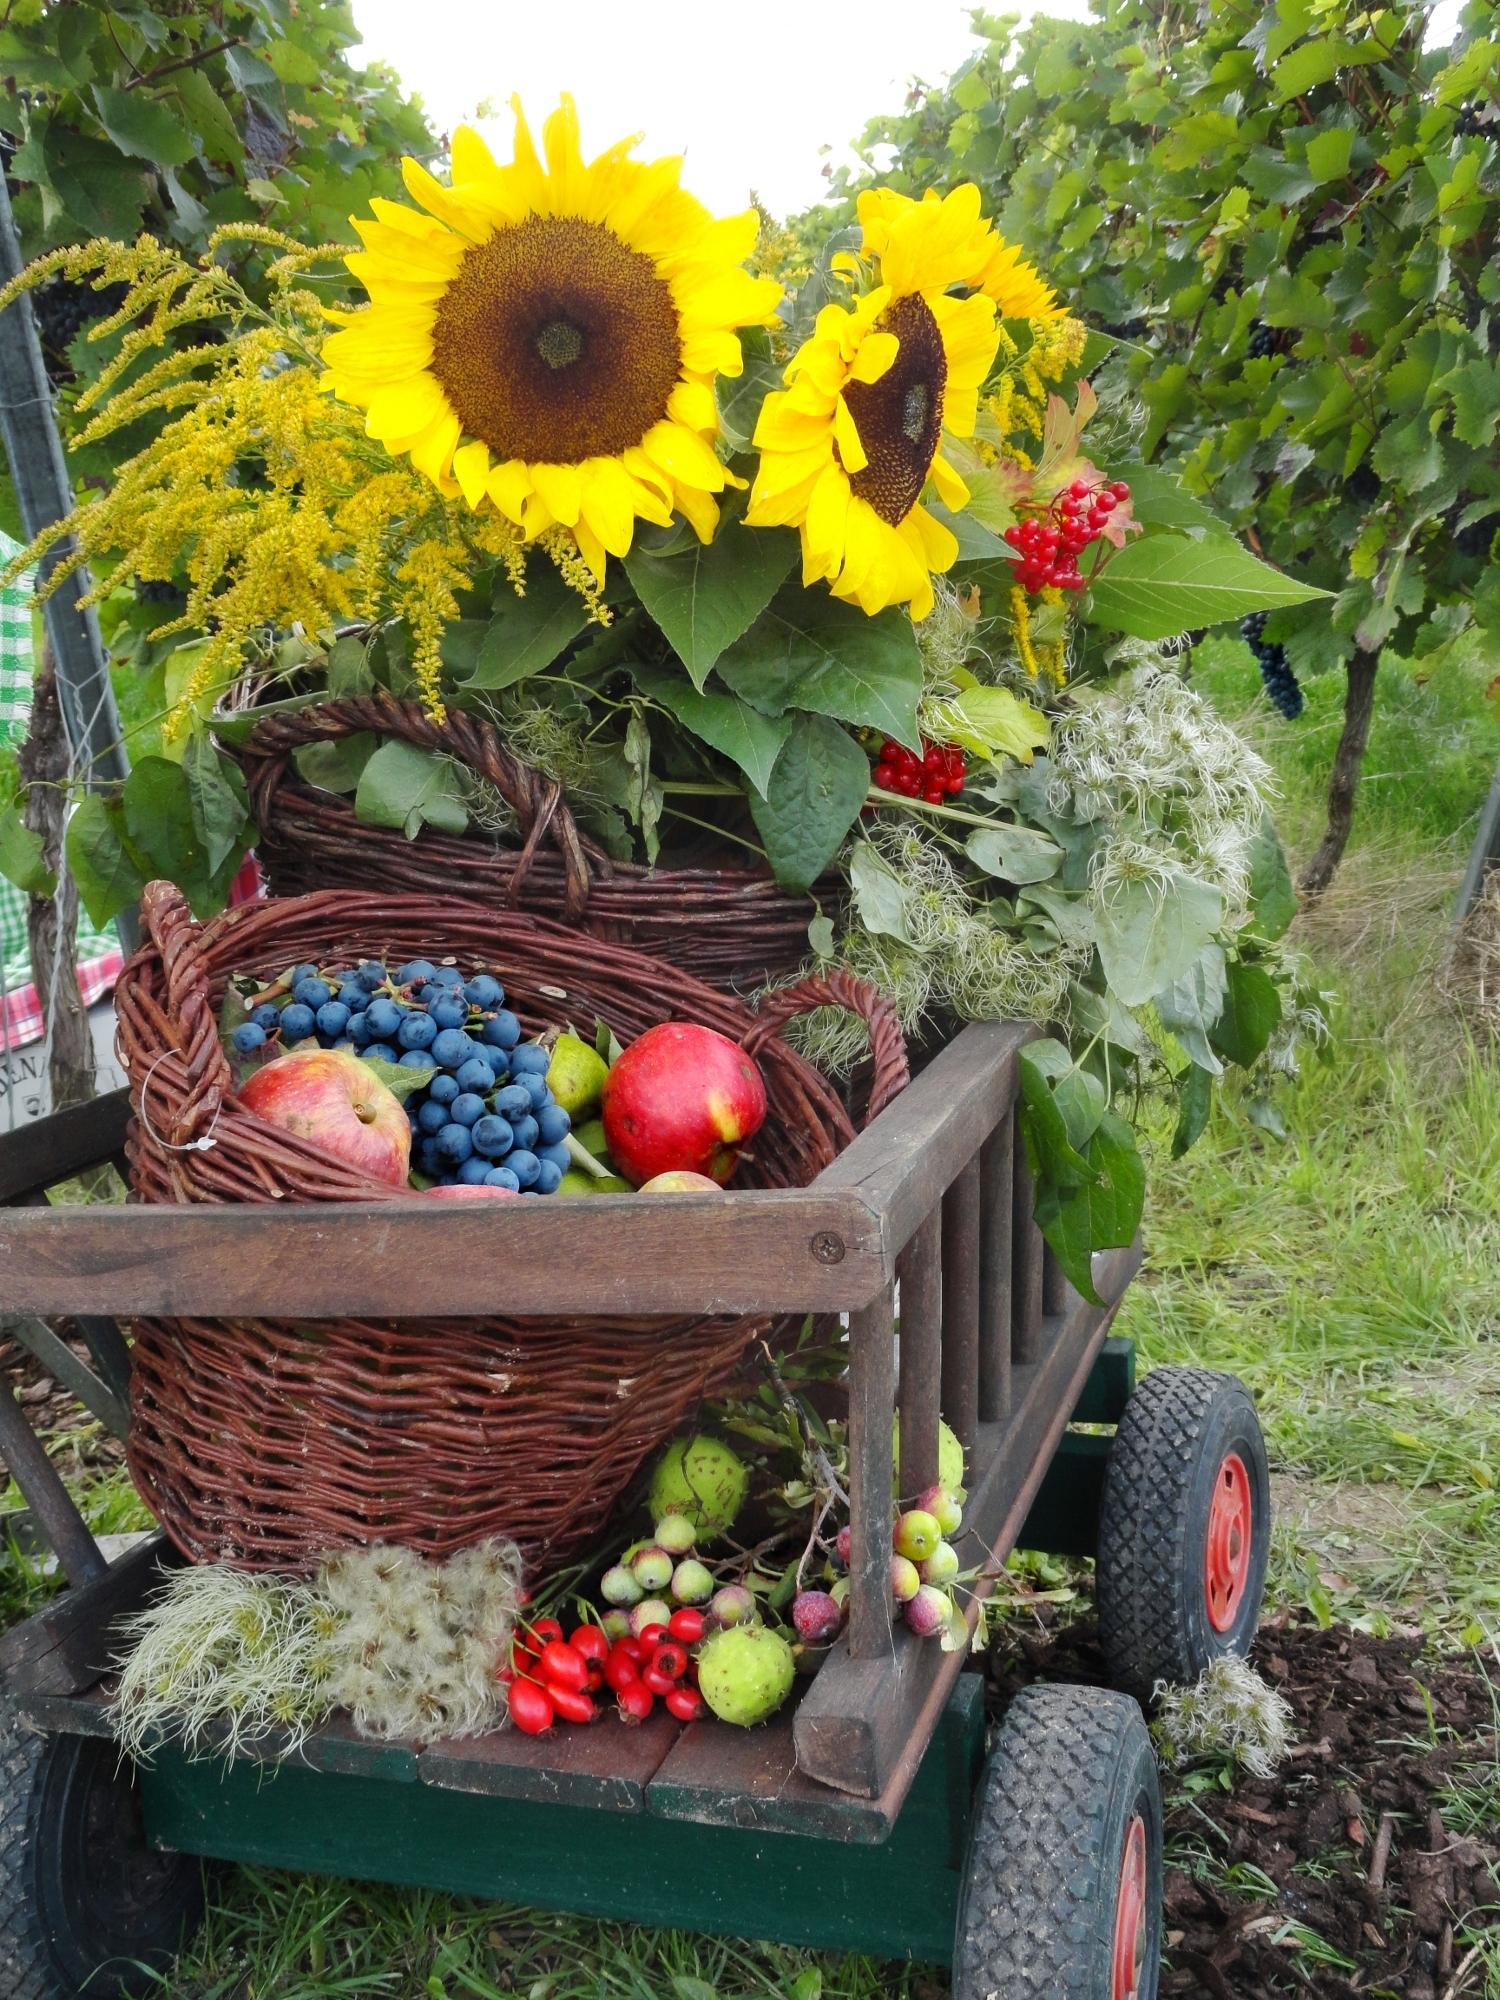 виноград осень натюрморт с подсолнухами